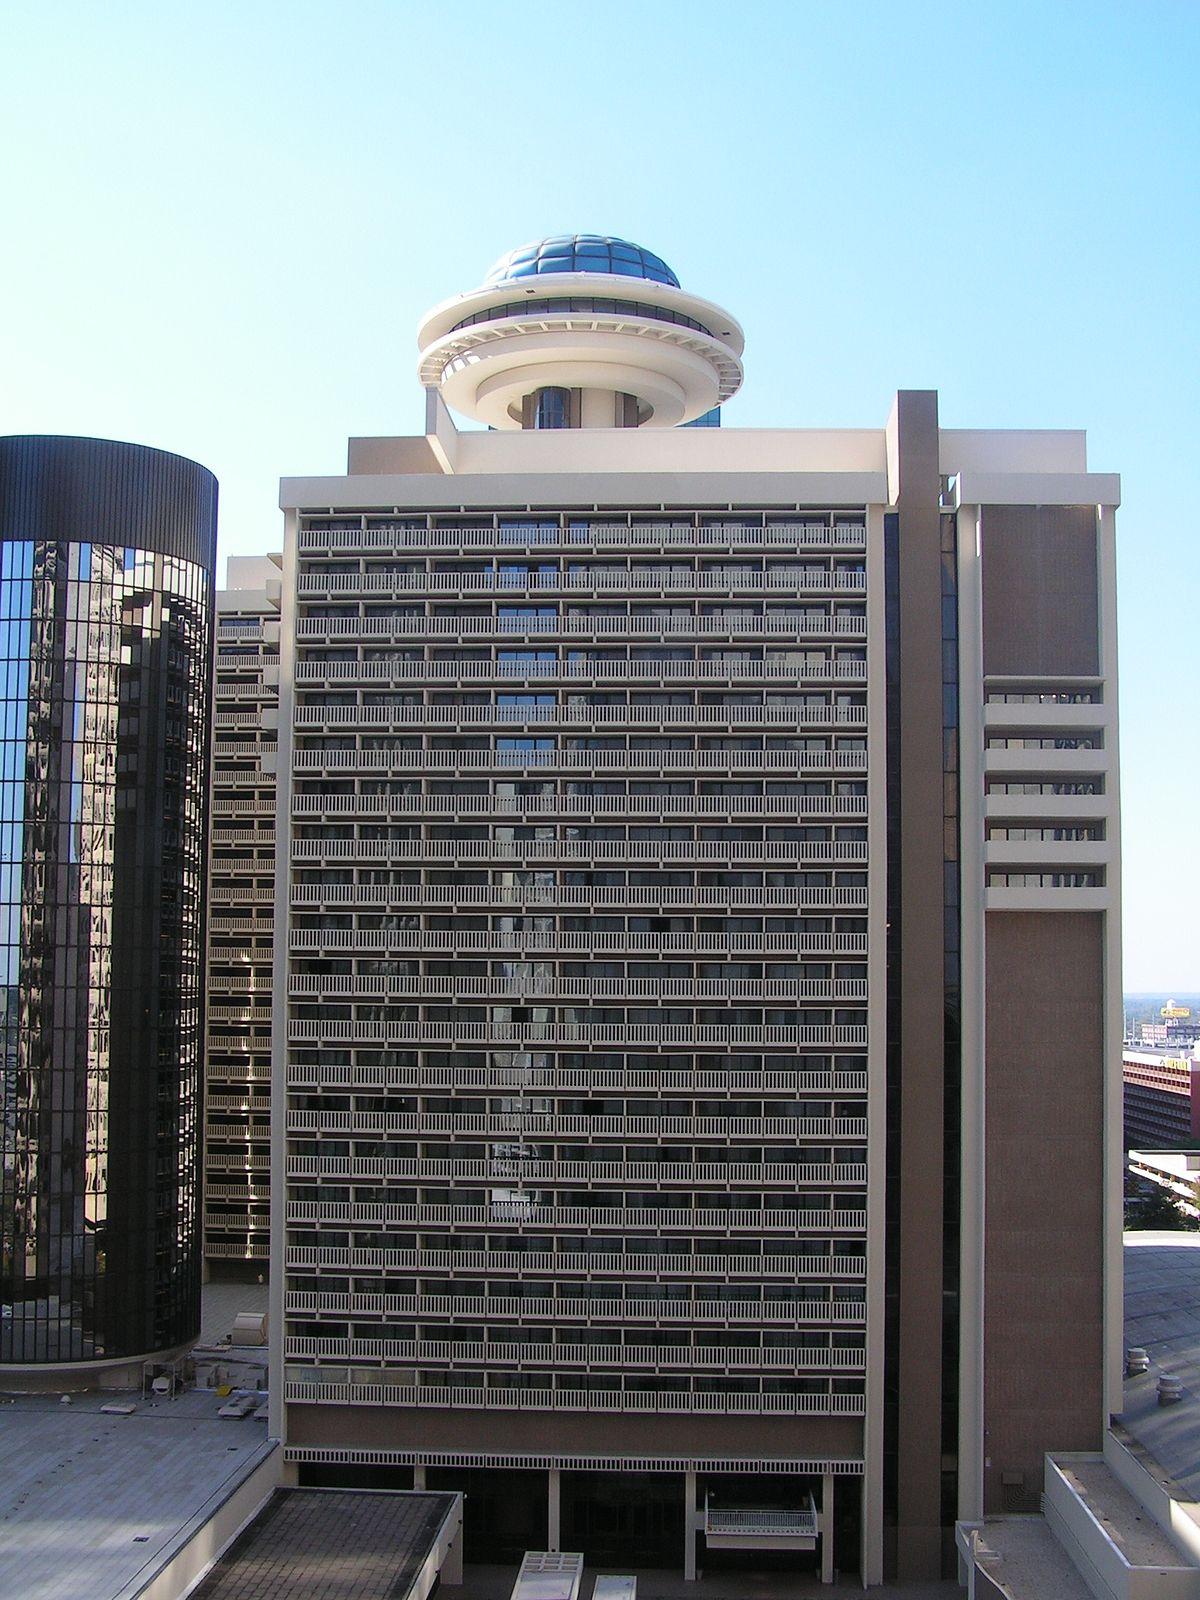 Hyatt Regency Atlanta - Wikipedia